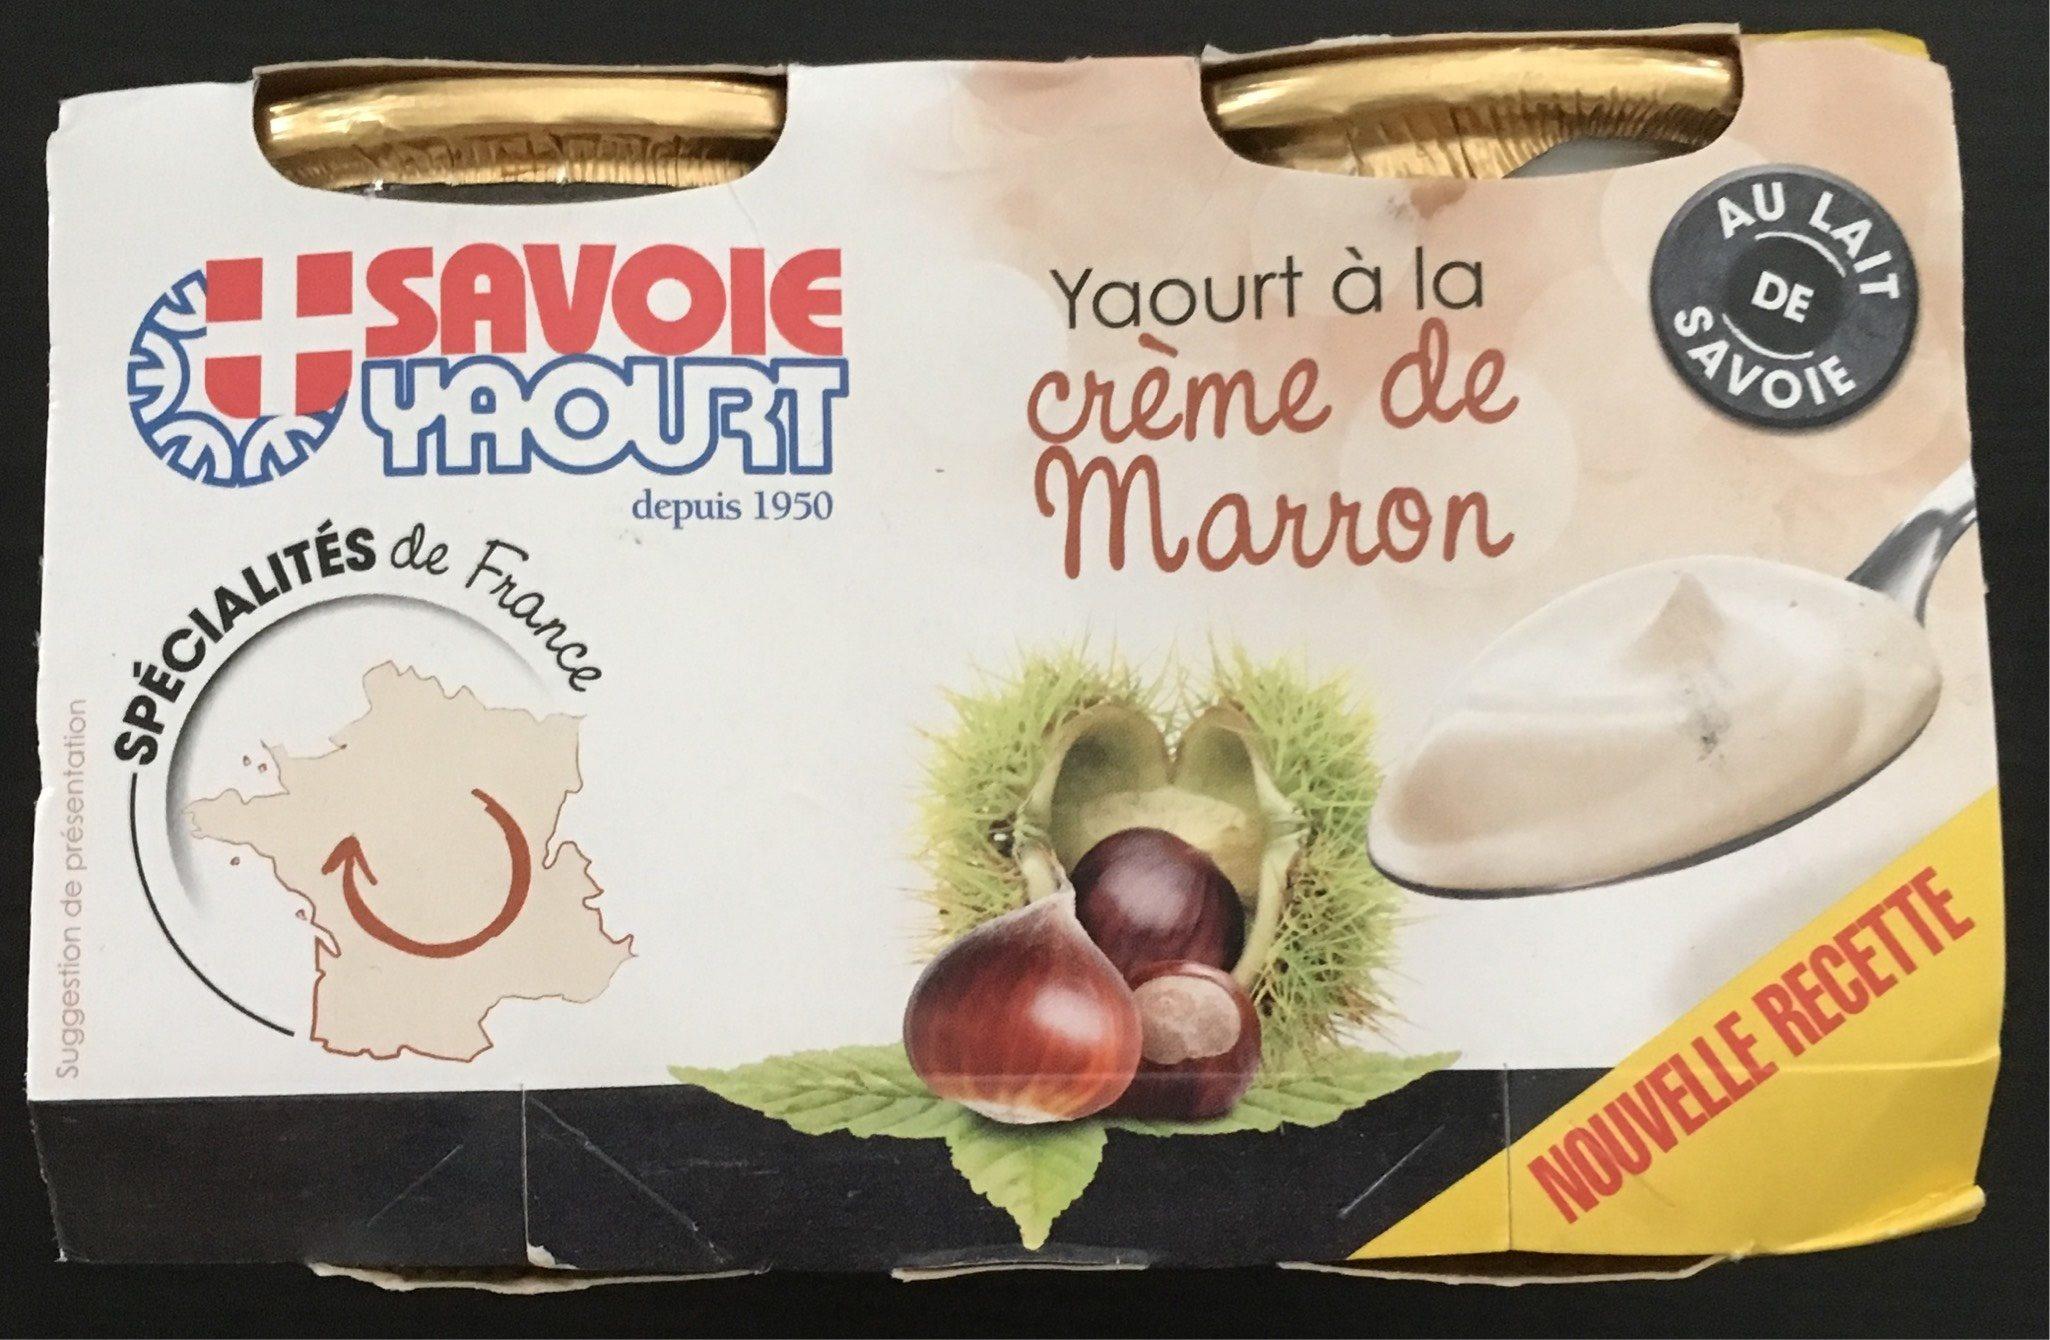 Savoie Yaourt aux marrons - Produit - fr